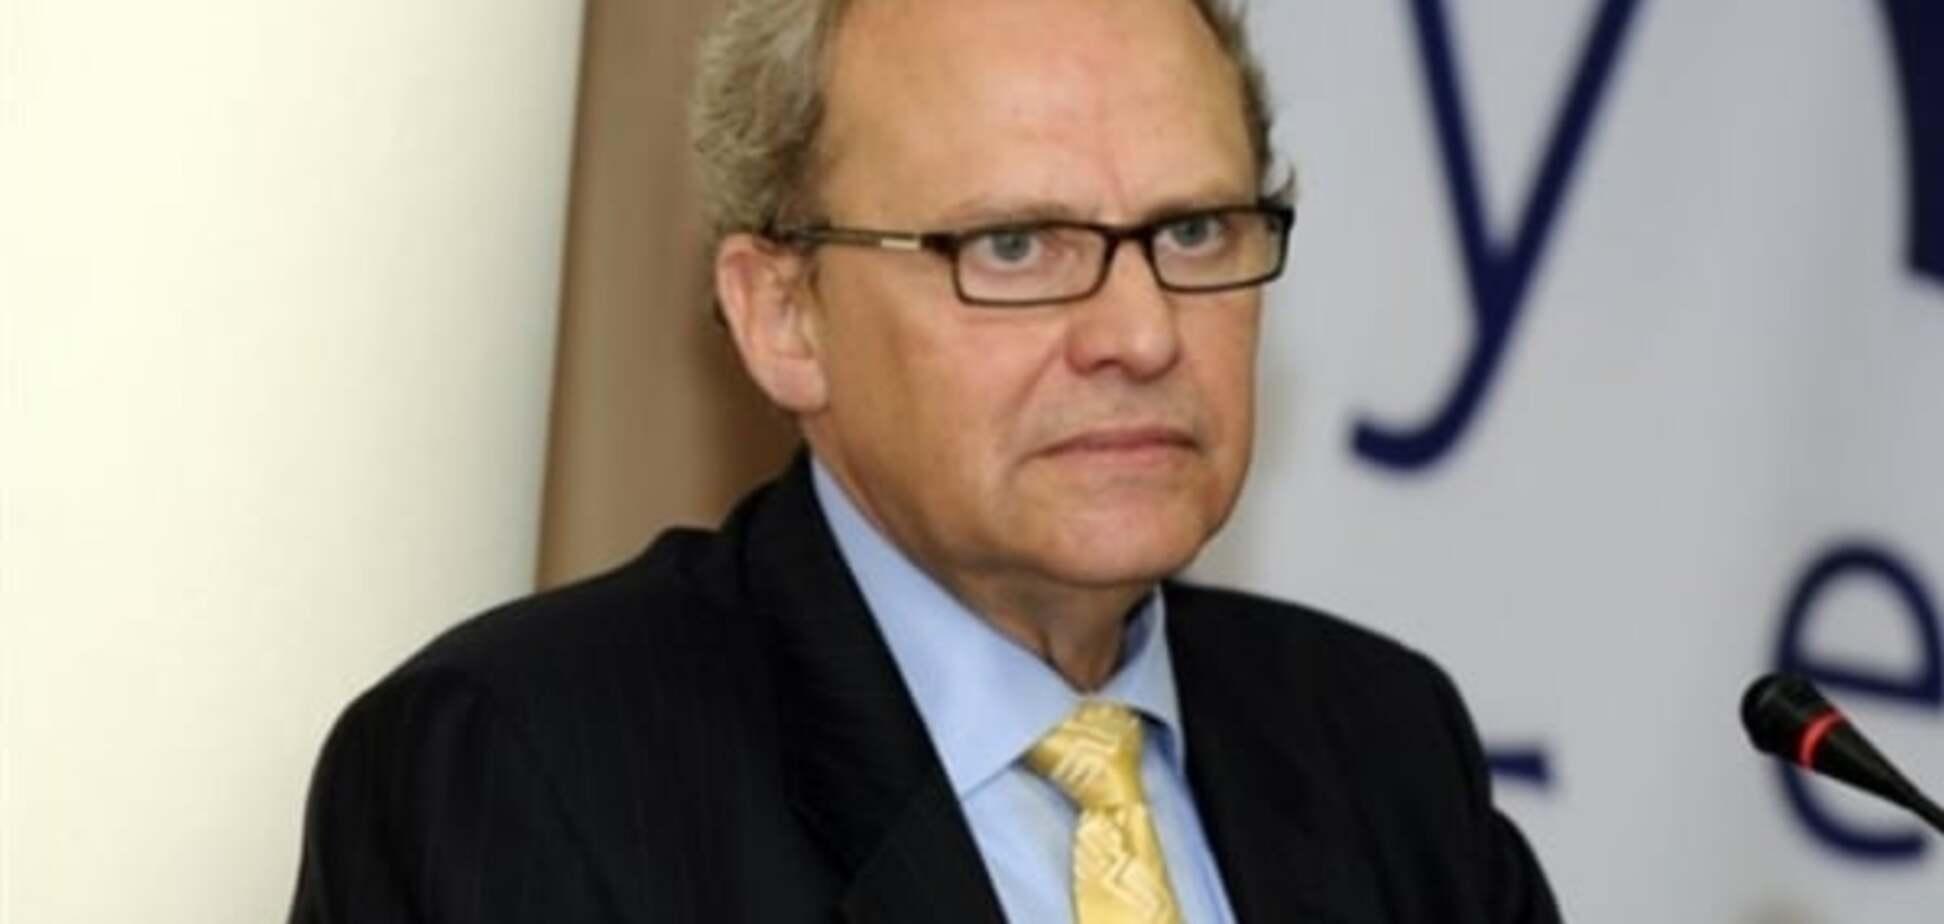 Аслунд виніс вердикт українській банківській системі